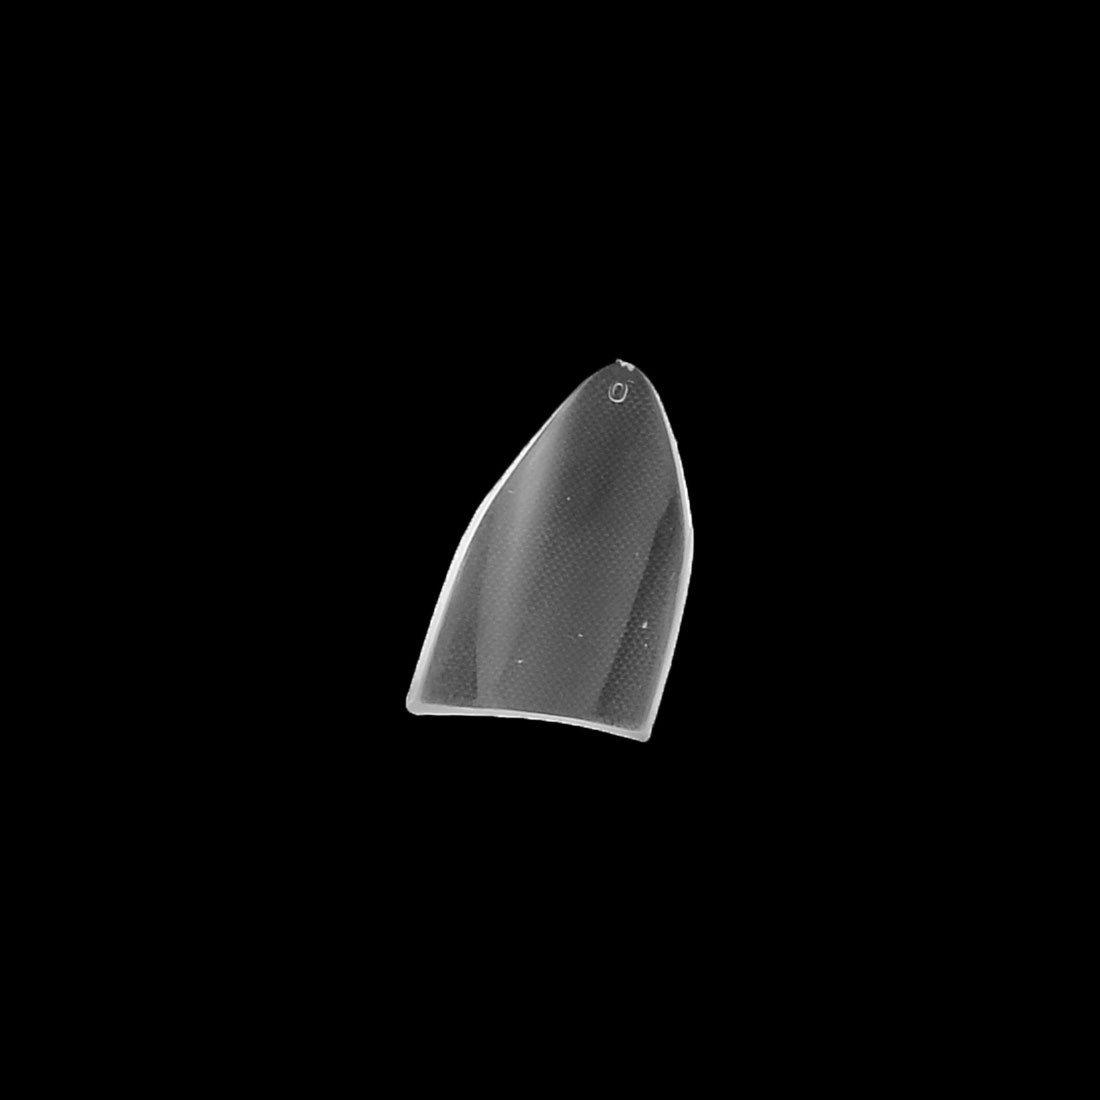 Amazon.com: eDealMax acrílico agudo Terminar Artificial del clavo falso Adhesivos Tips Uñas 500pcs Claro: Health & Personal Care